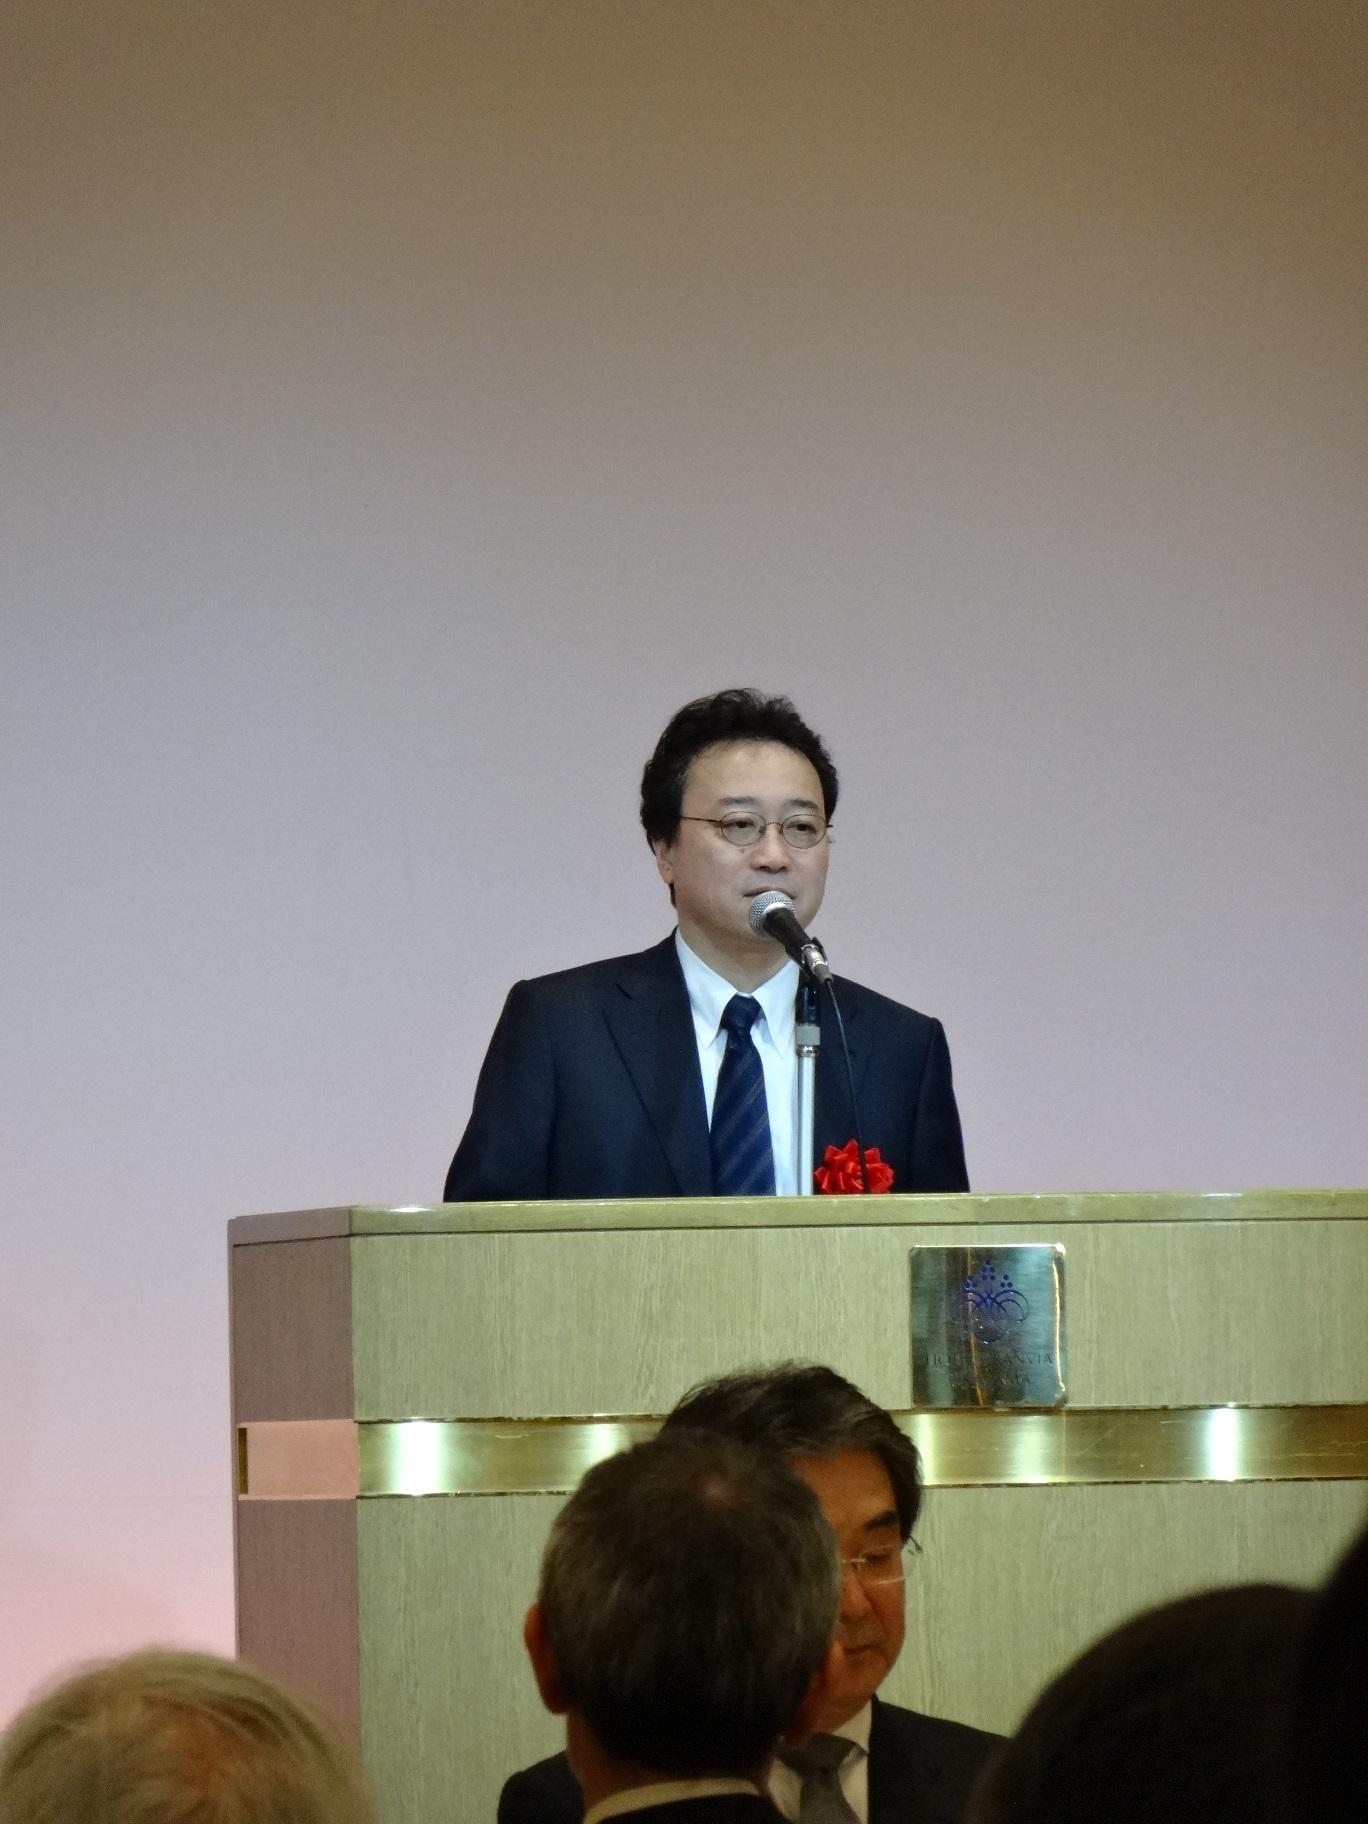 谷本光音教授就任15周年記念祝賀会(赤司浩一先生御祝辞)